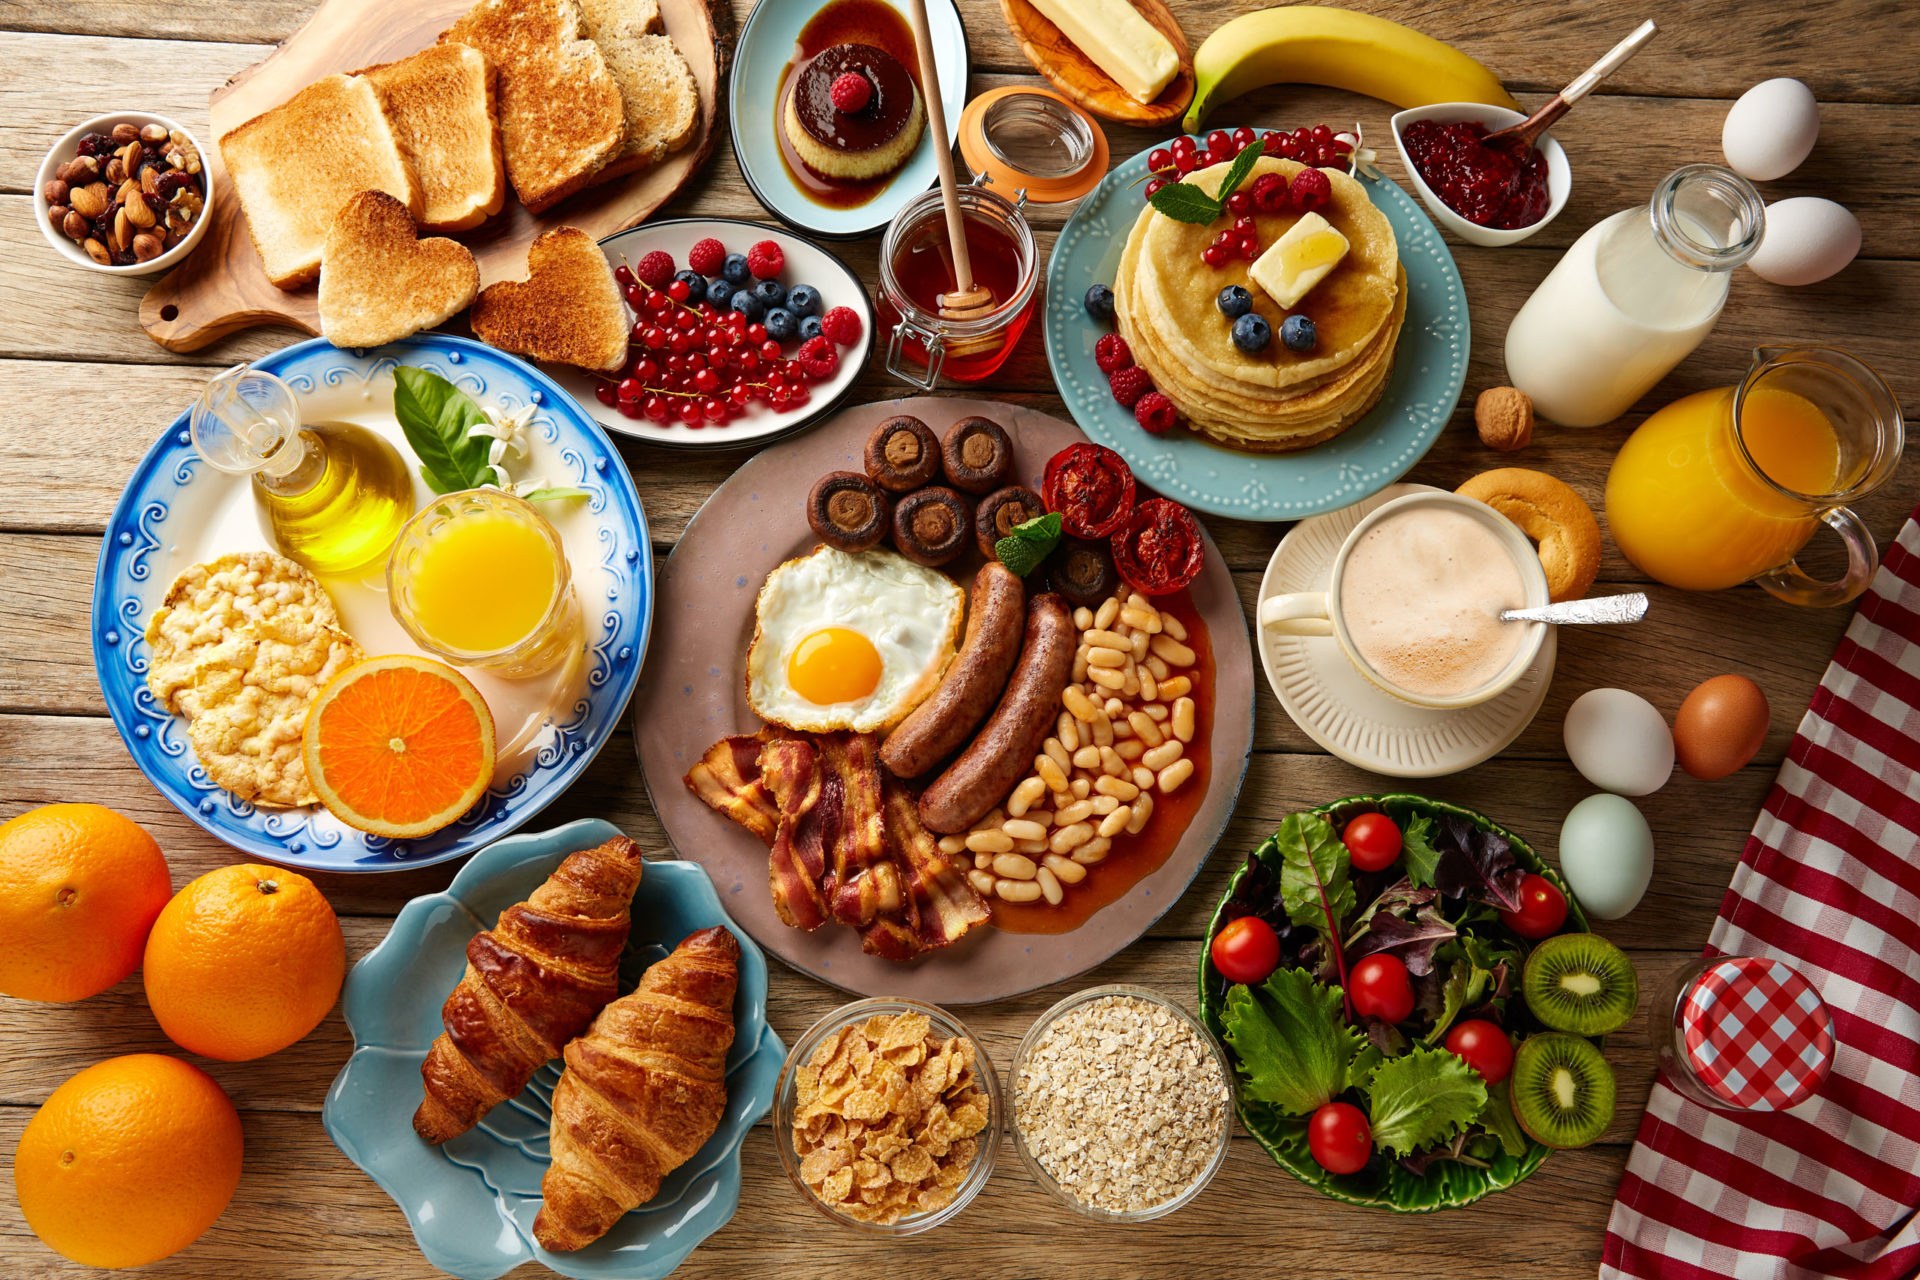 Stół zastawiony najróżniejszymi potrawami: tostami, naleśnikami, sałatkami itp.